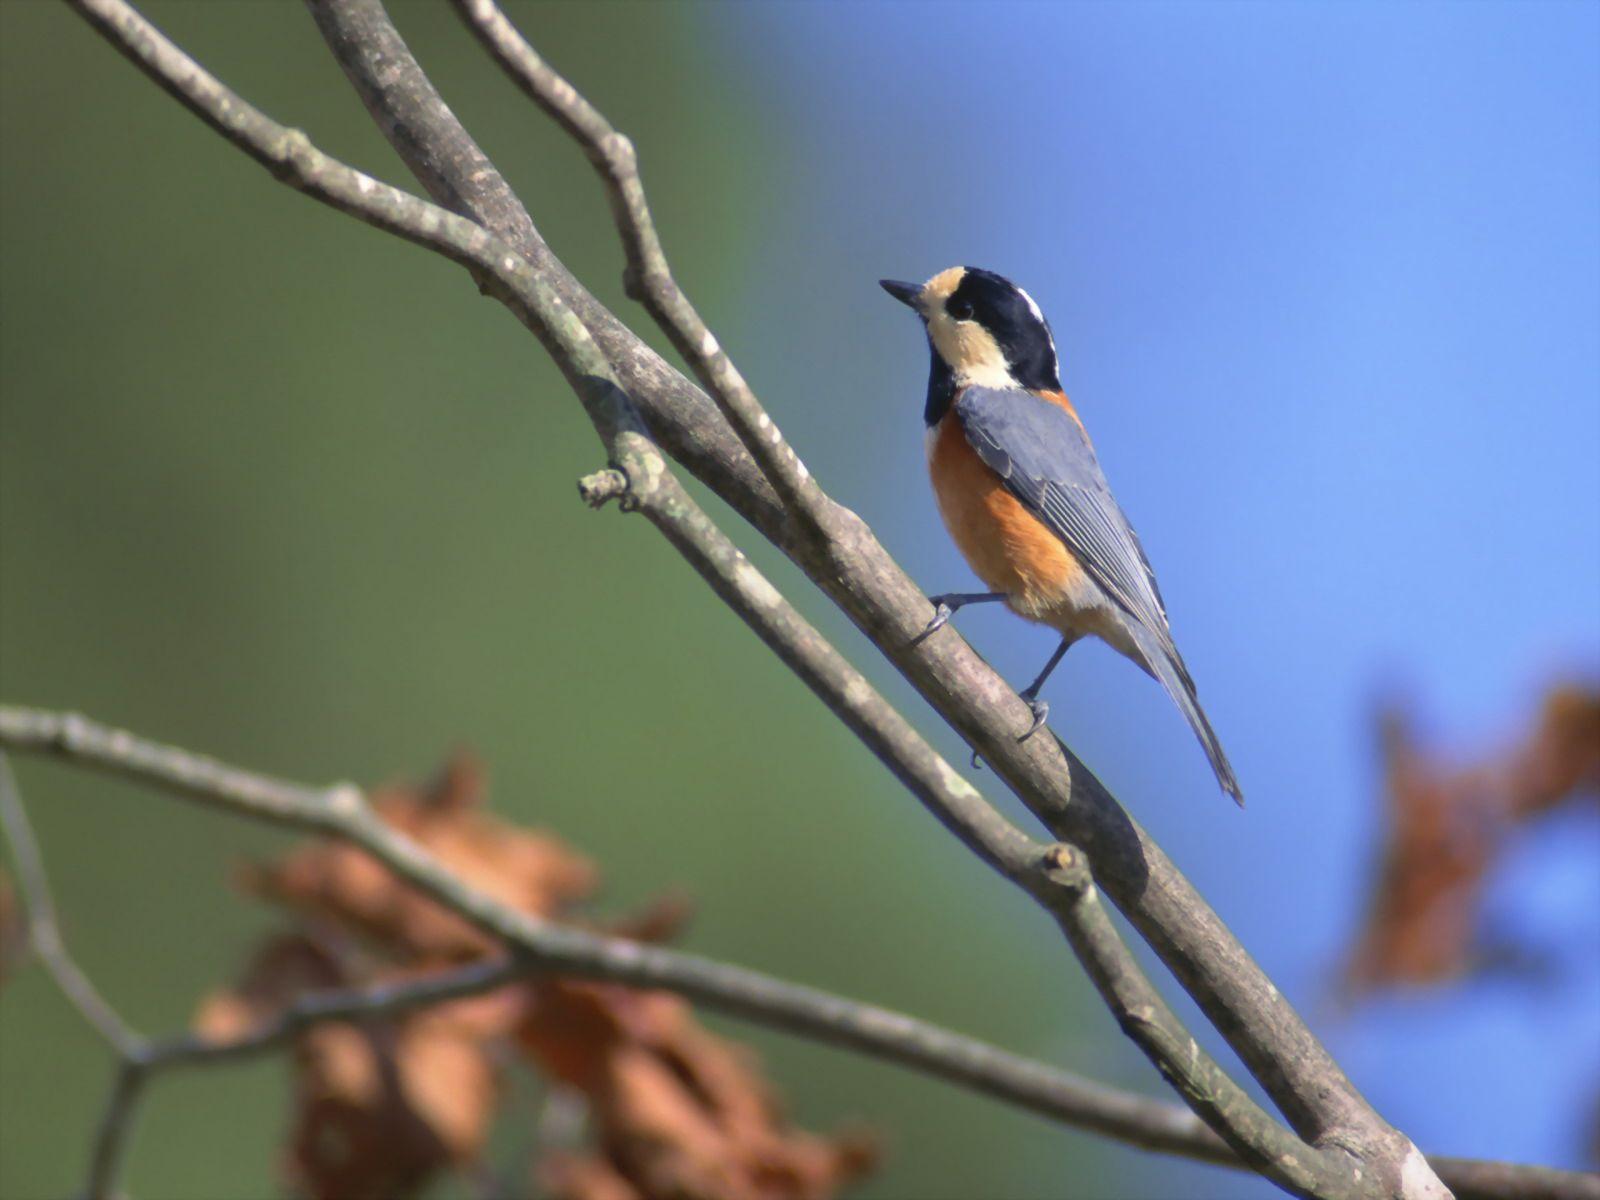 программе птицы юга приморского края фото с названиями каждого них свои